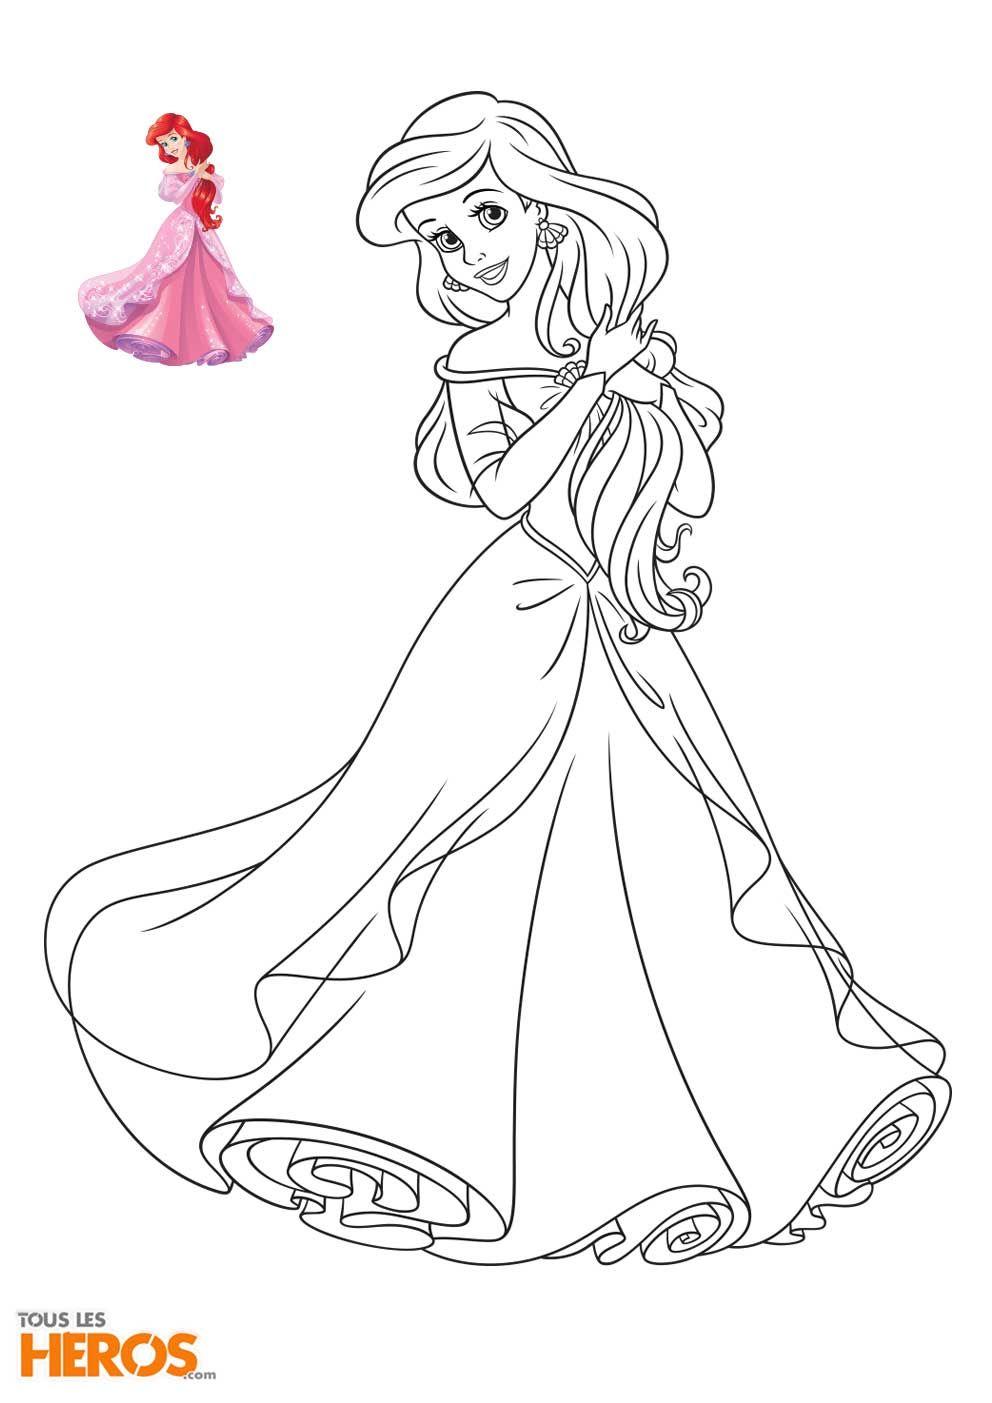 Ausmalbilder Arielle Die Meerjungfrau : Coloriez Les Princesses De Disney Sur Le Blog De Tous Les H Ros